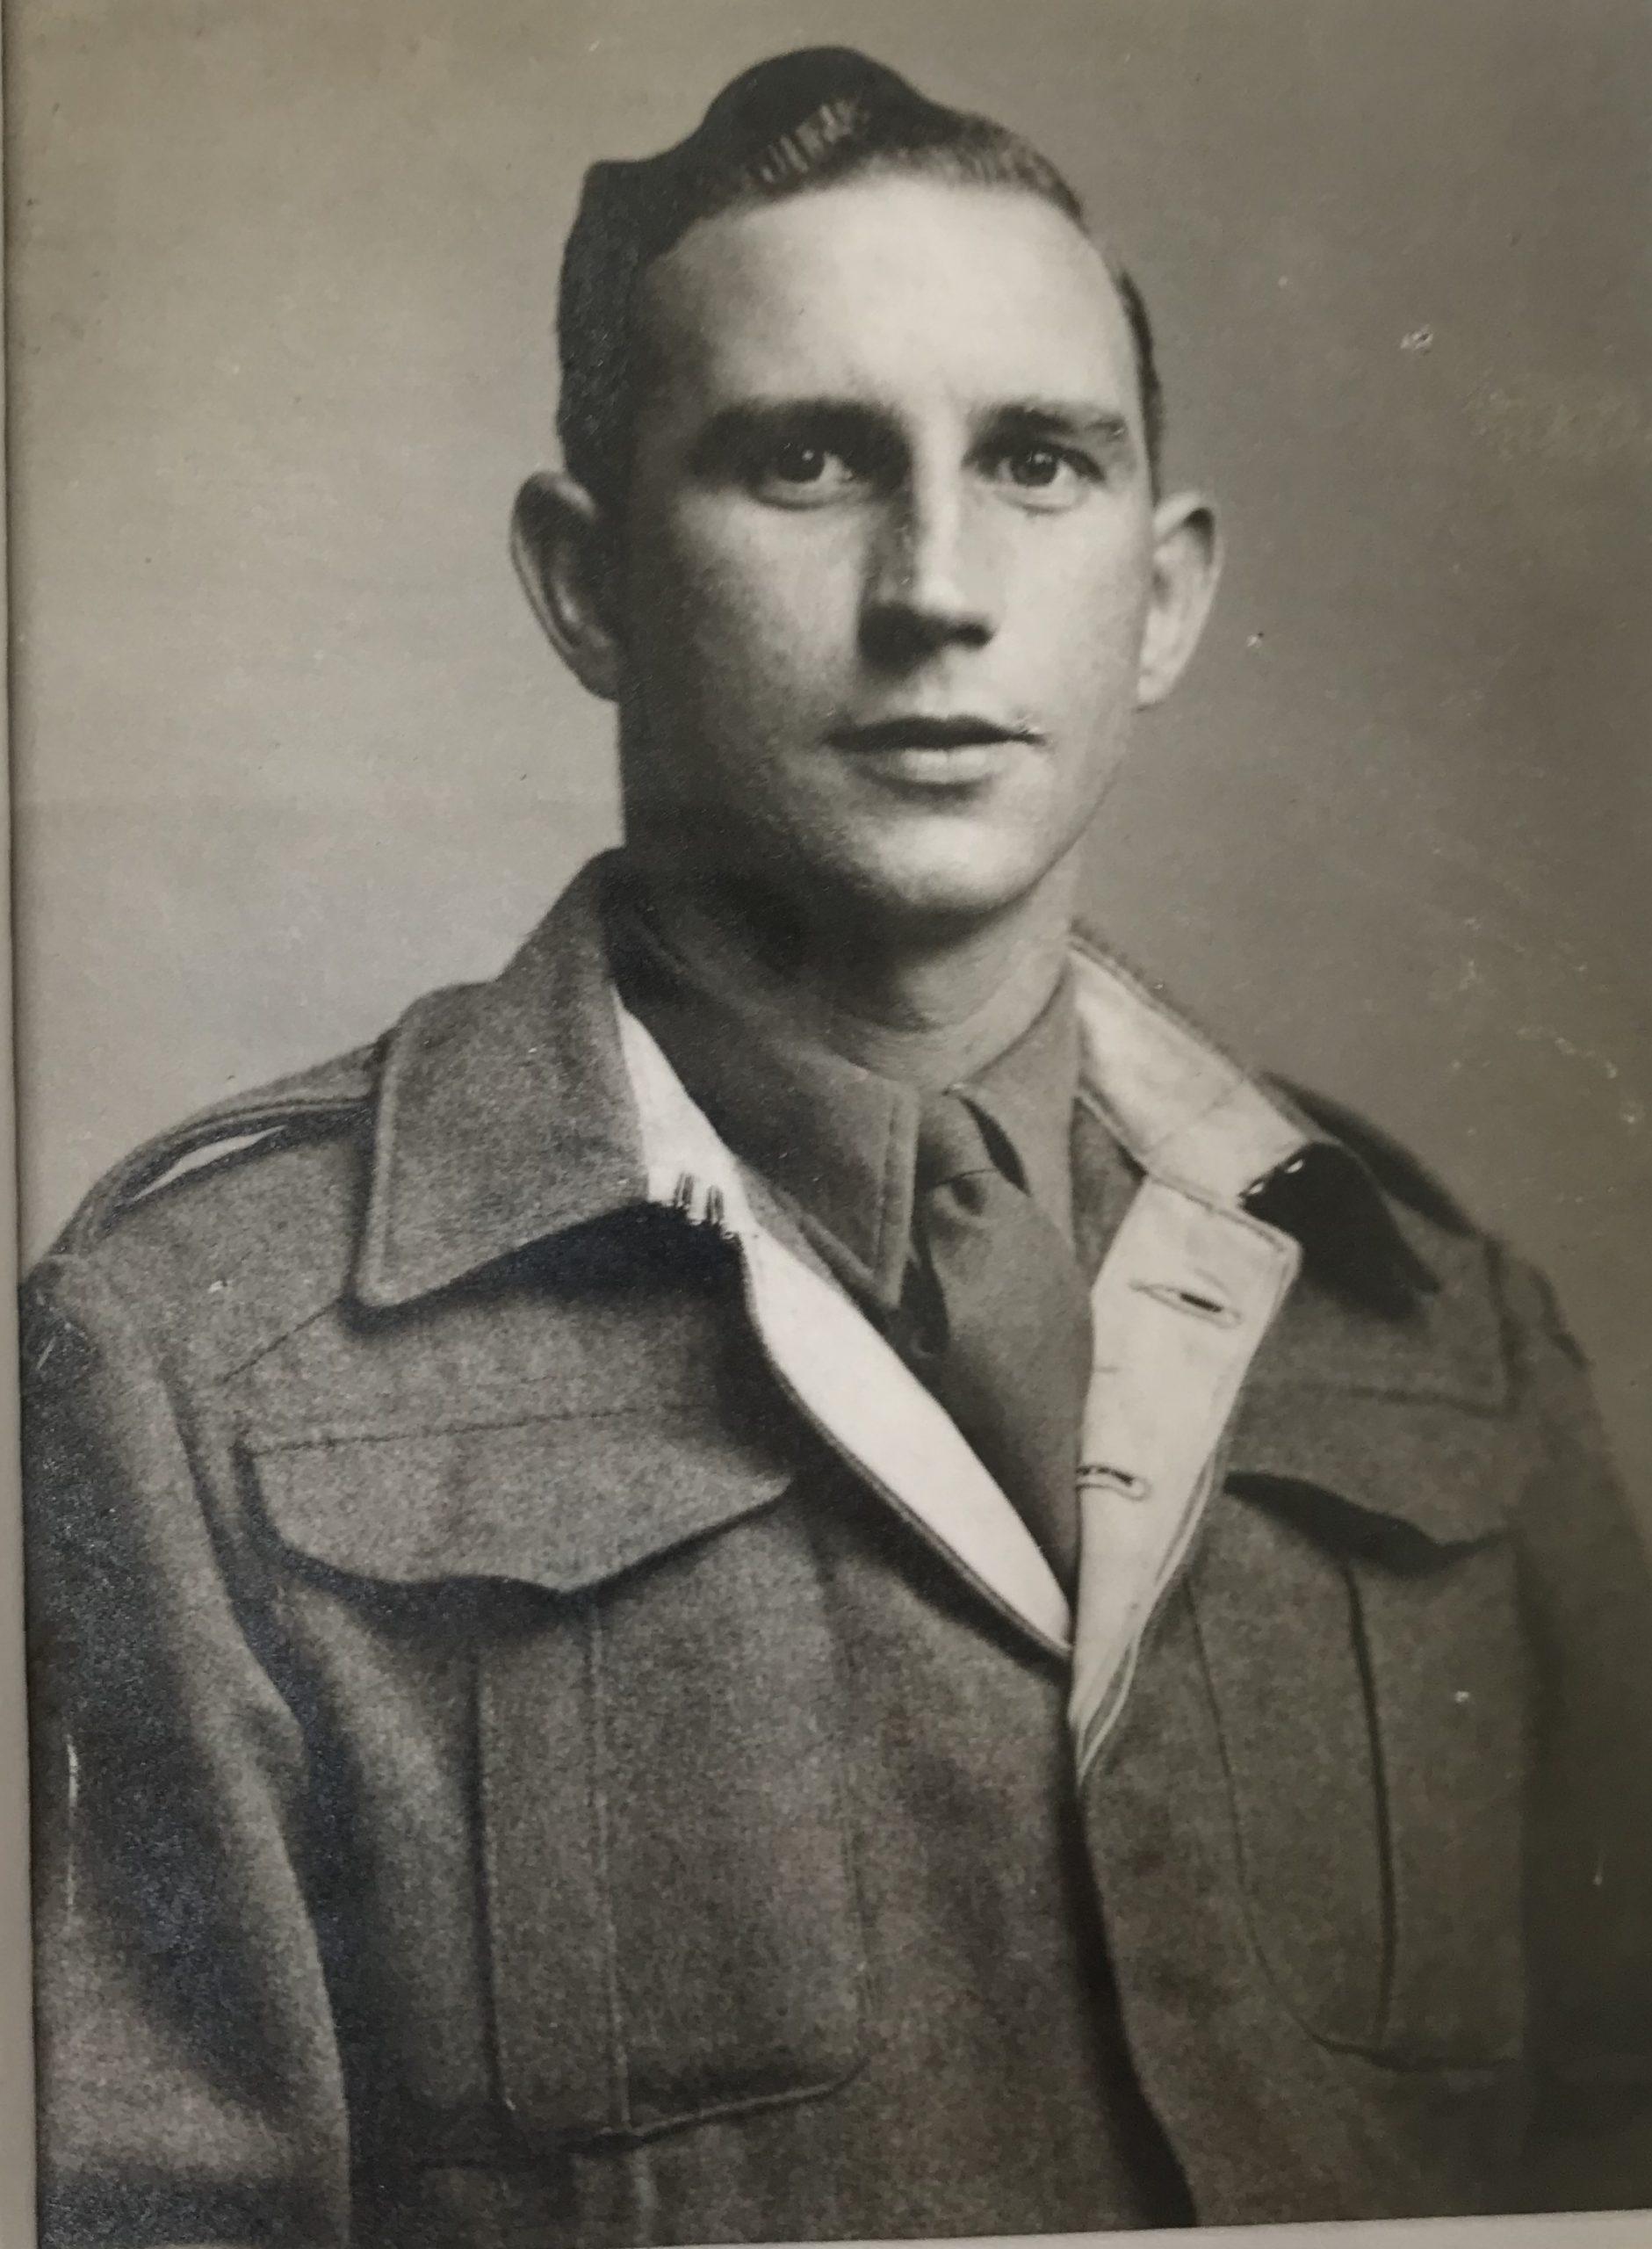 Len Hill in WW2